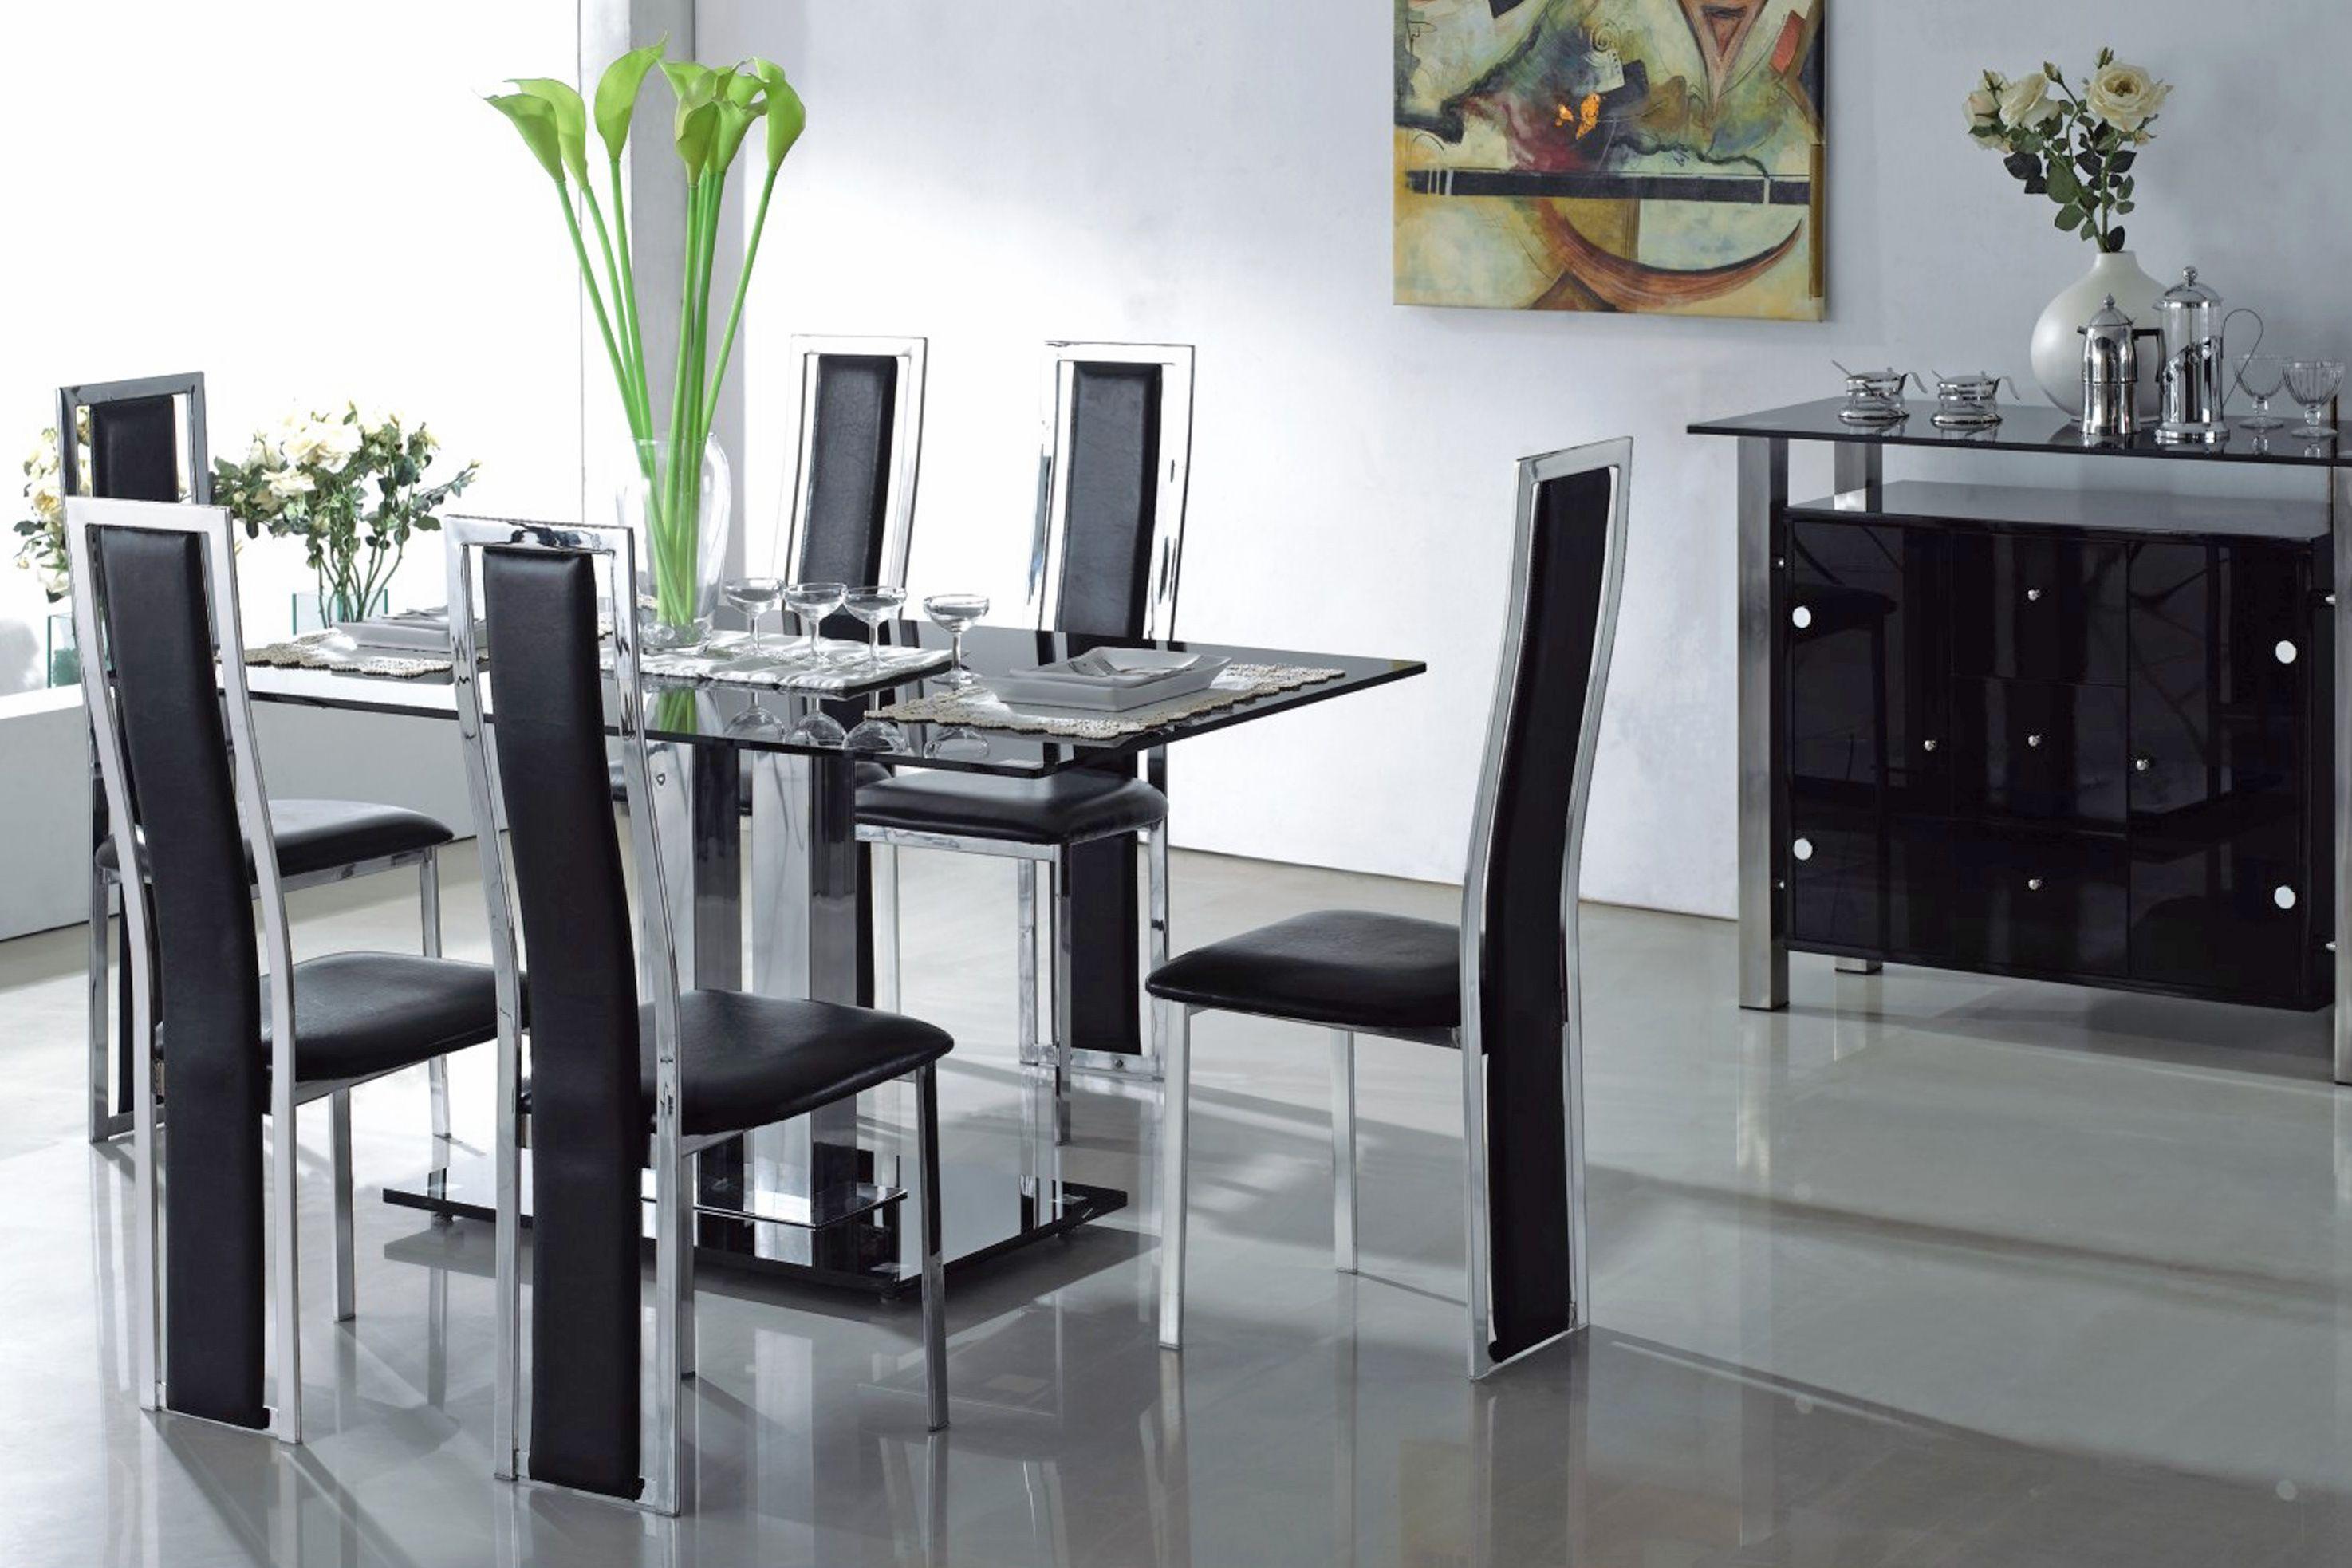 Holz Esstisch Designs Mit Glas Top Runde Glas Verlängerung